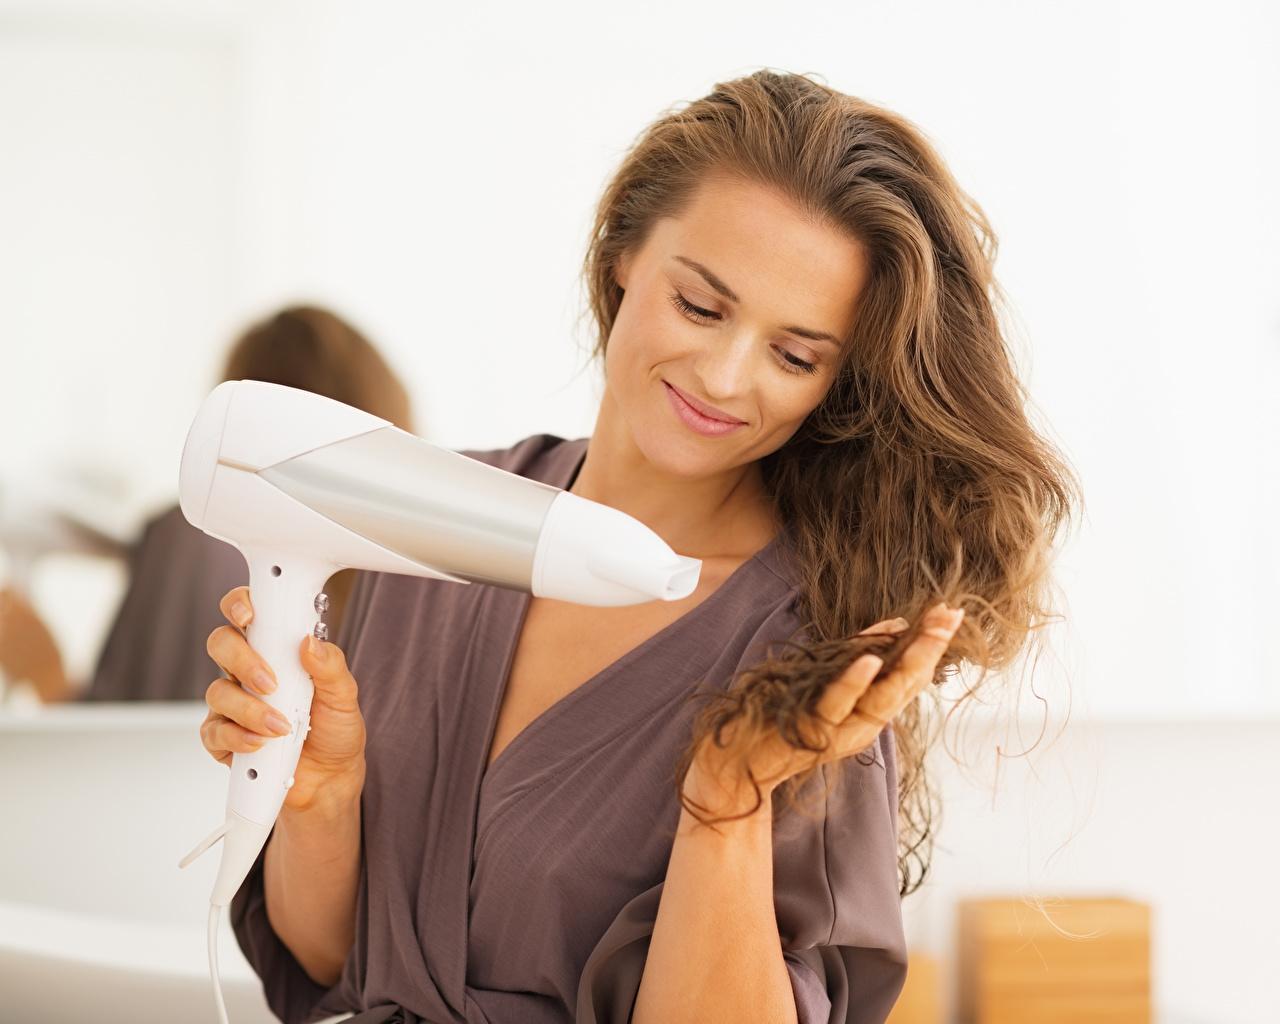 Фото шатенки улыбается Фен волос Девушки Шатенка Улыбка феном Волосы девушка молодые женщины молодая женщина